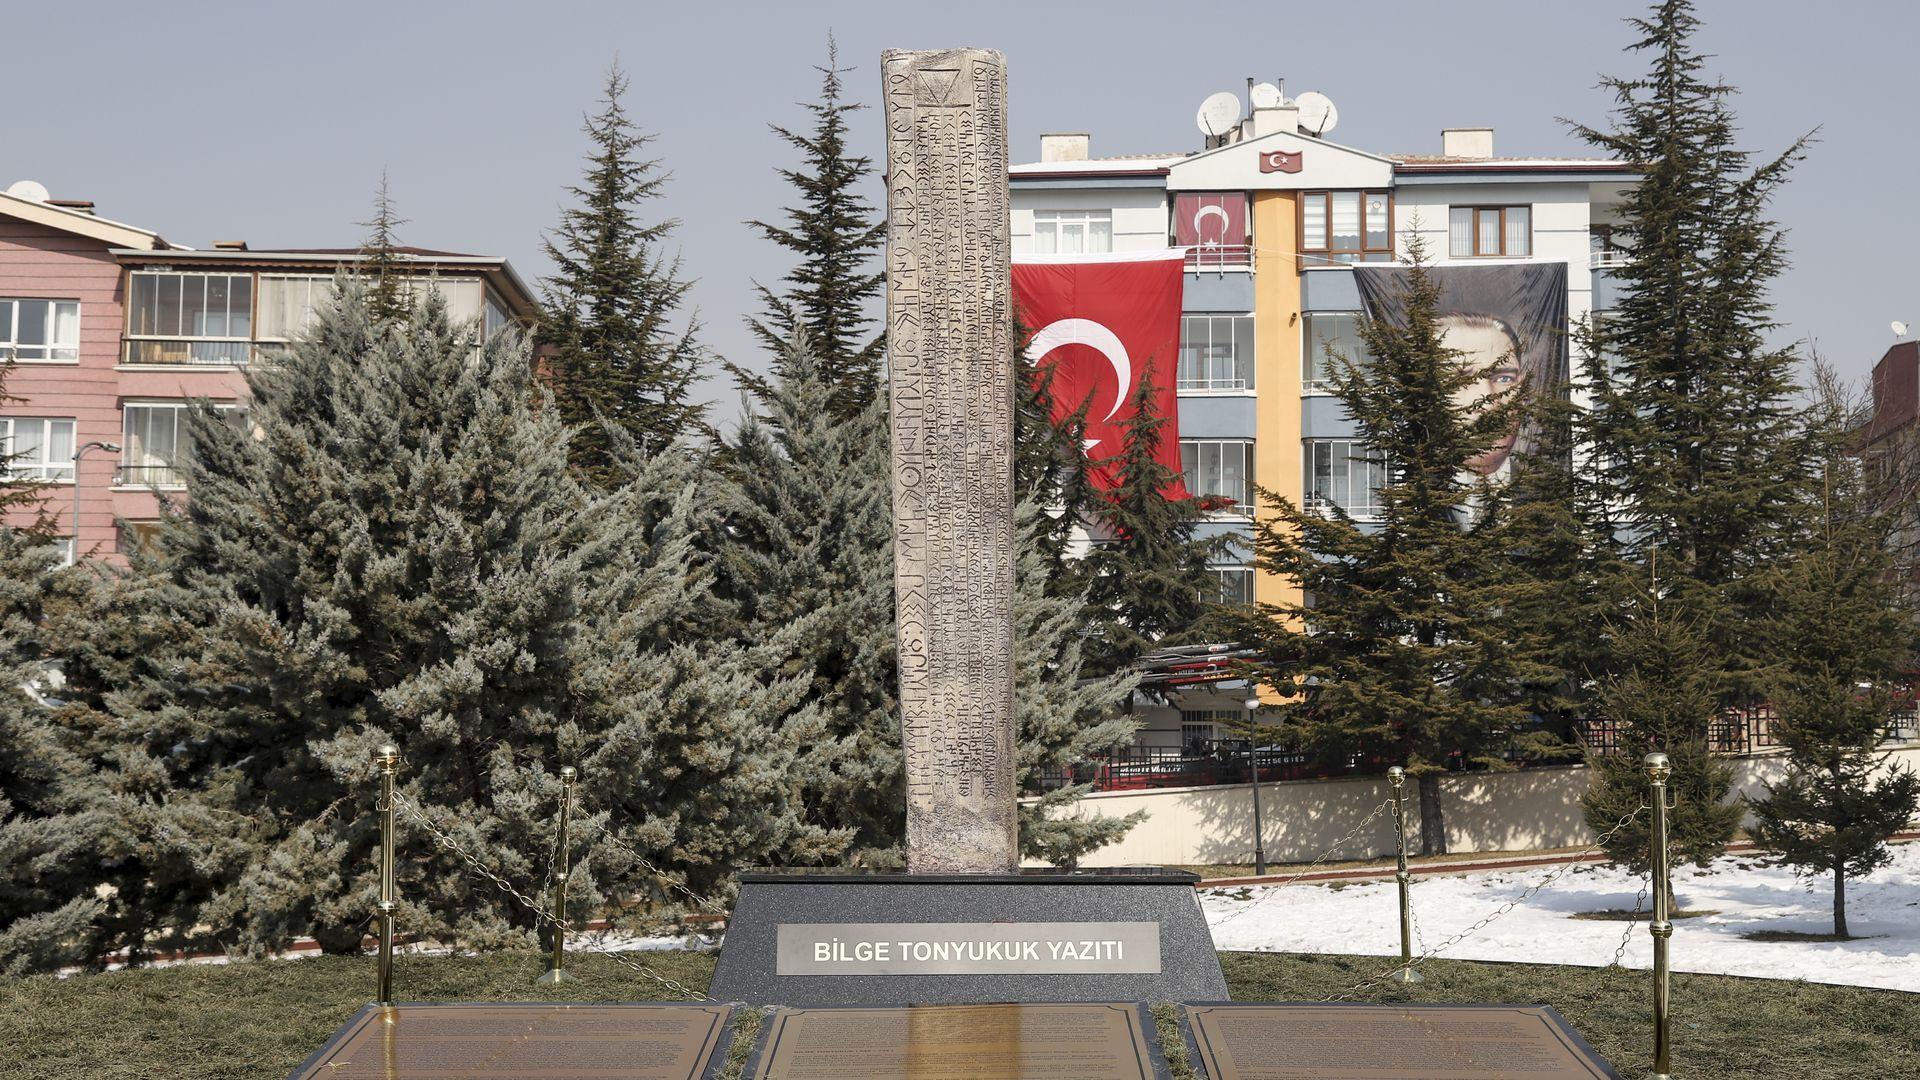 Türk Dünyası Tonyukuk Parkı ve Bilge Tonyukuk Yazıtı'nın açılışı yapıldı